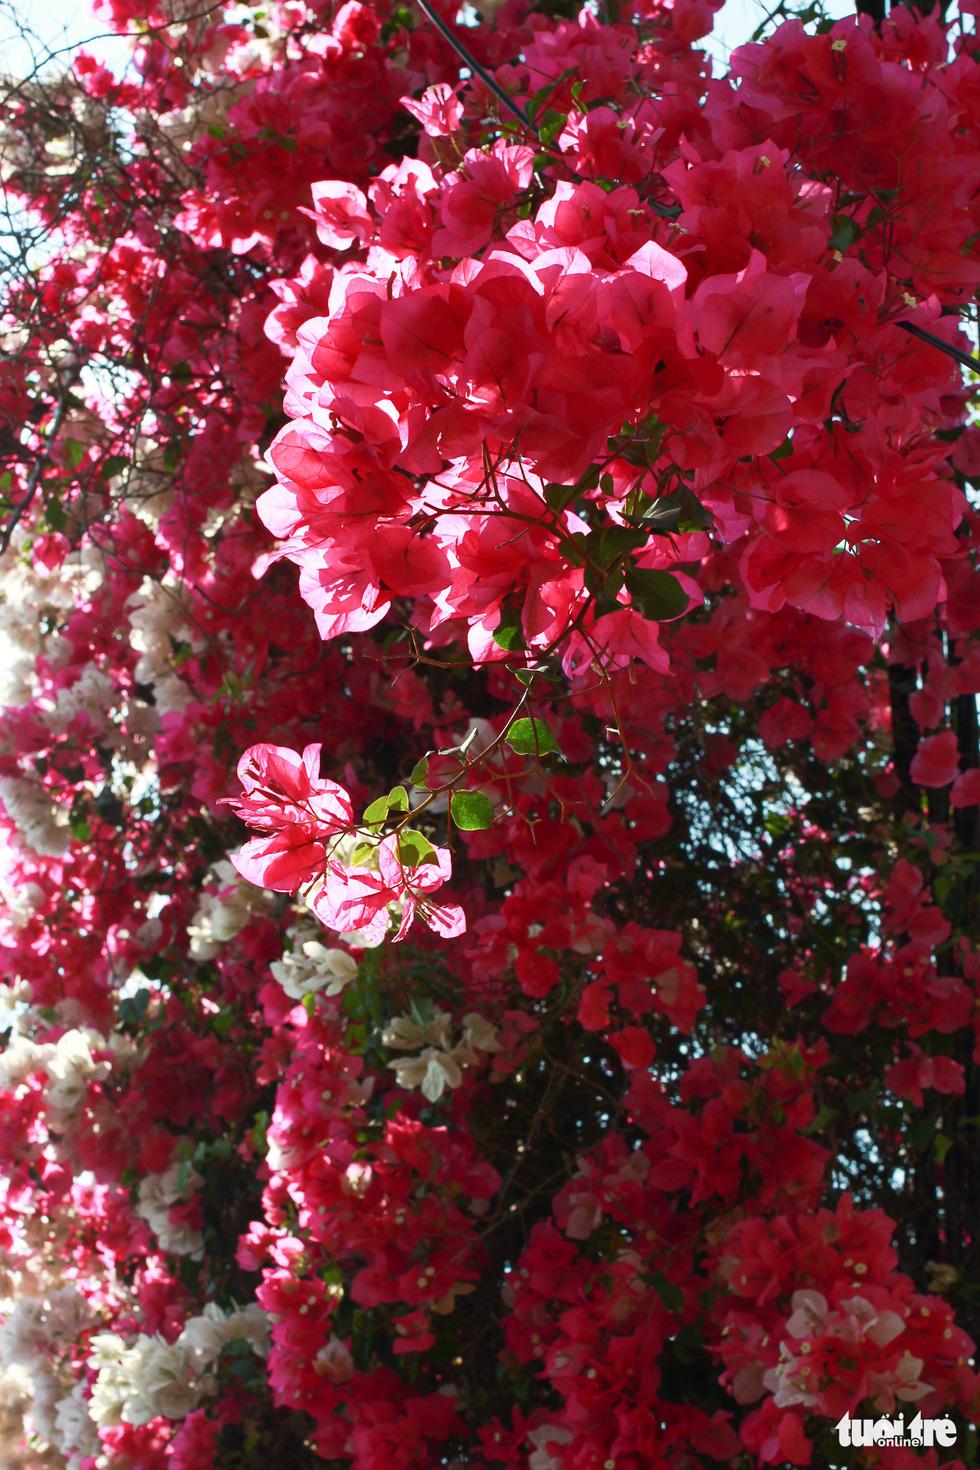 Ngắm hoa giấy bung nở rực rỡ giữa mùa khô Tây Nguyên - Ảnh 6.